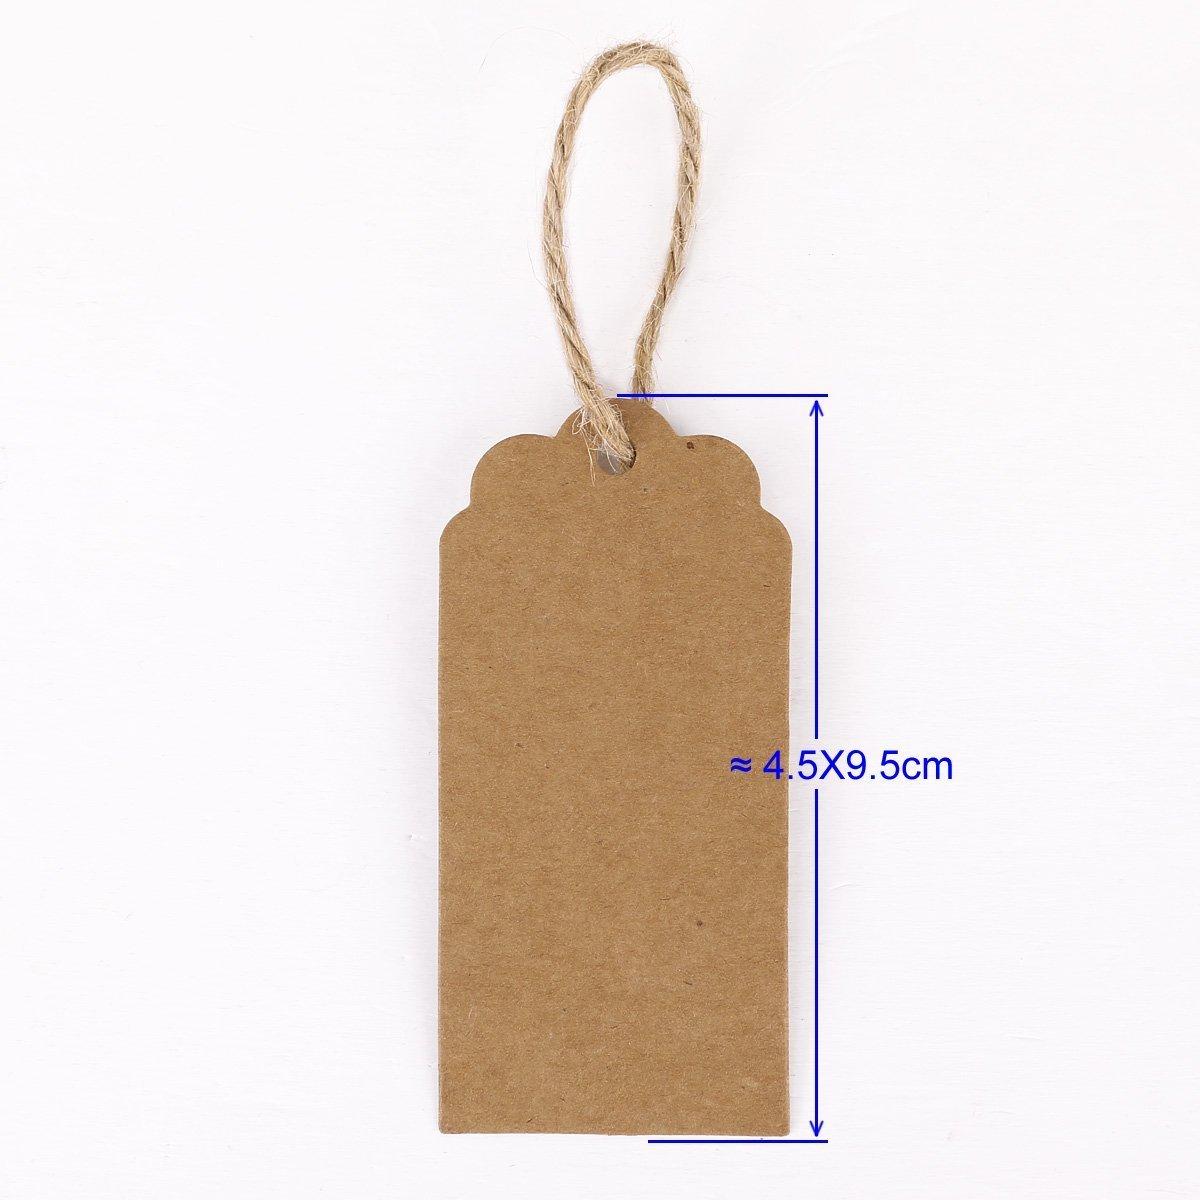 100/x DA WA Kraft /étiquette cadeau /étiquette vierge Mariage papier /étiquettes balises avec 2/metres Ficelle de jute